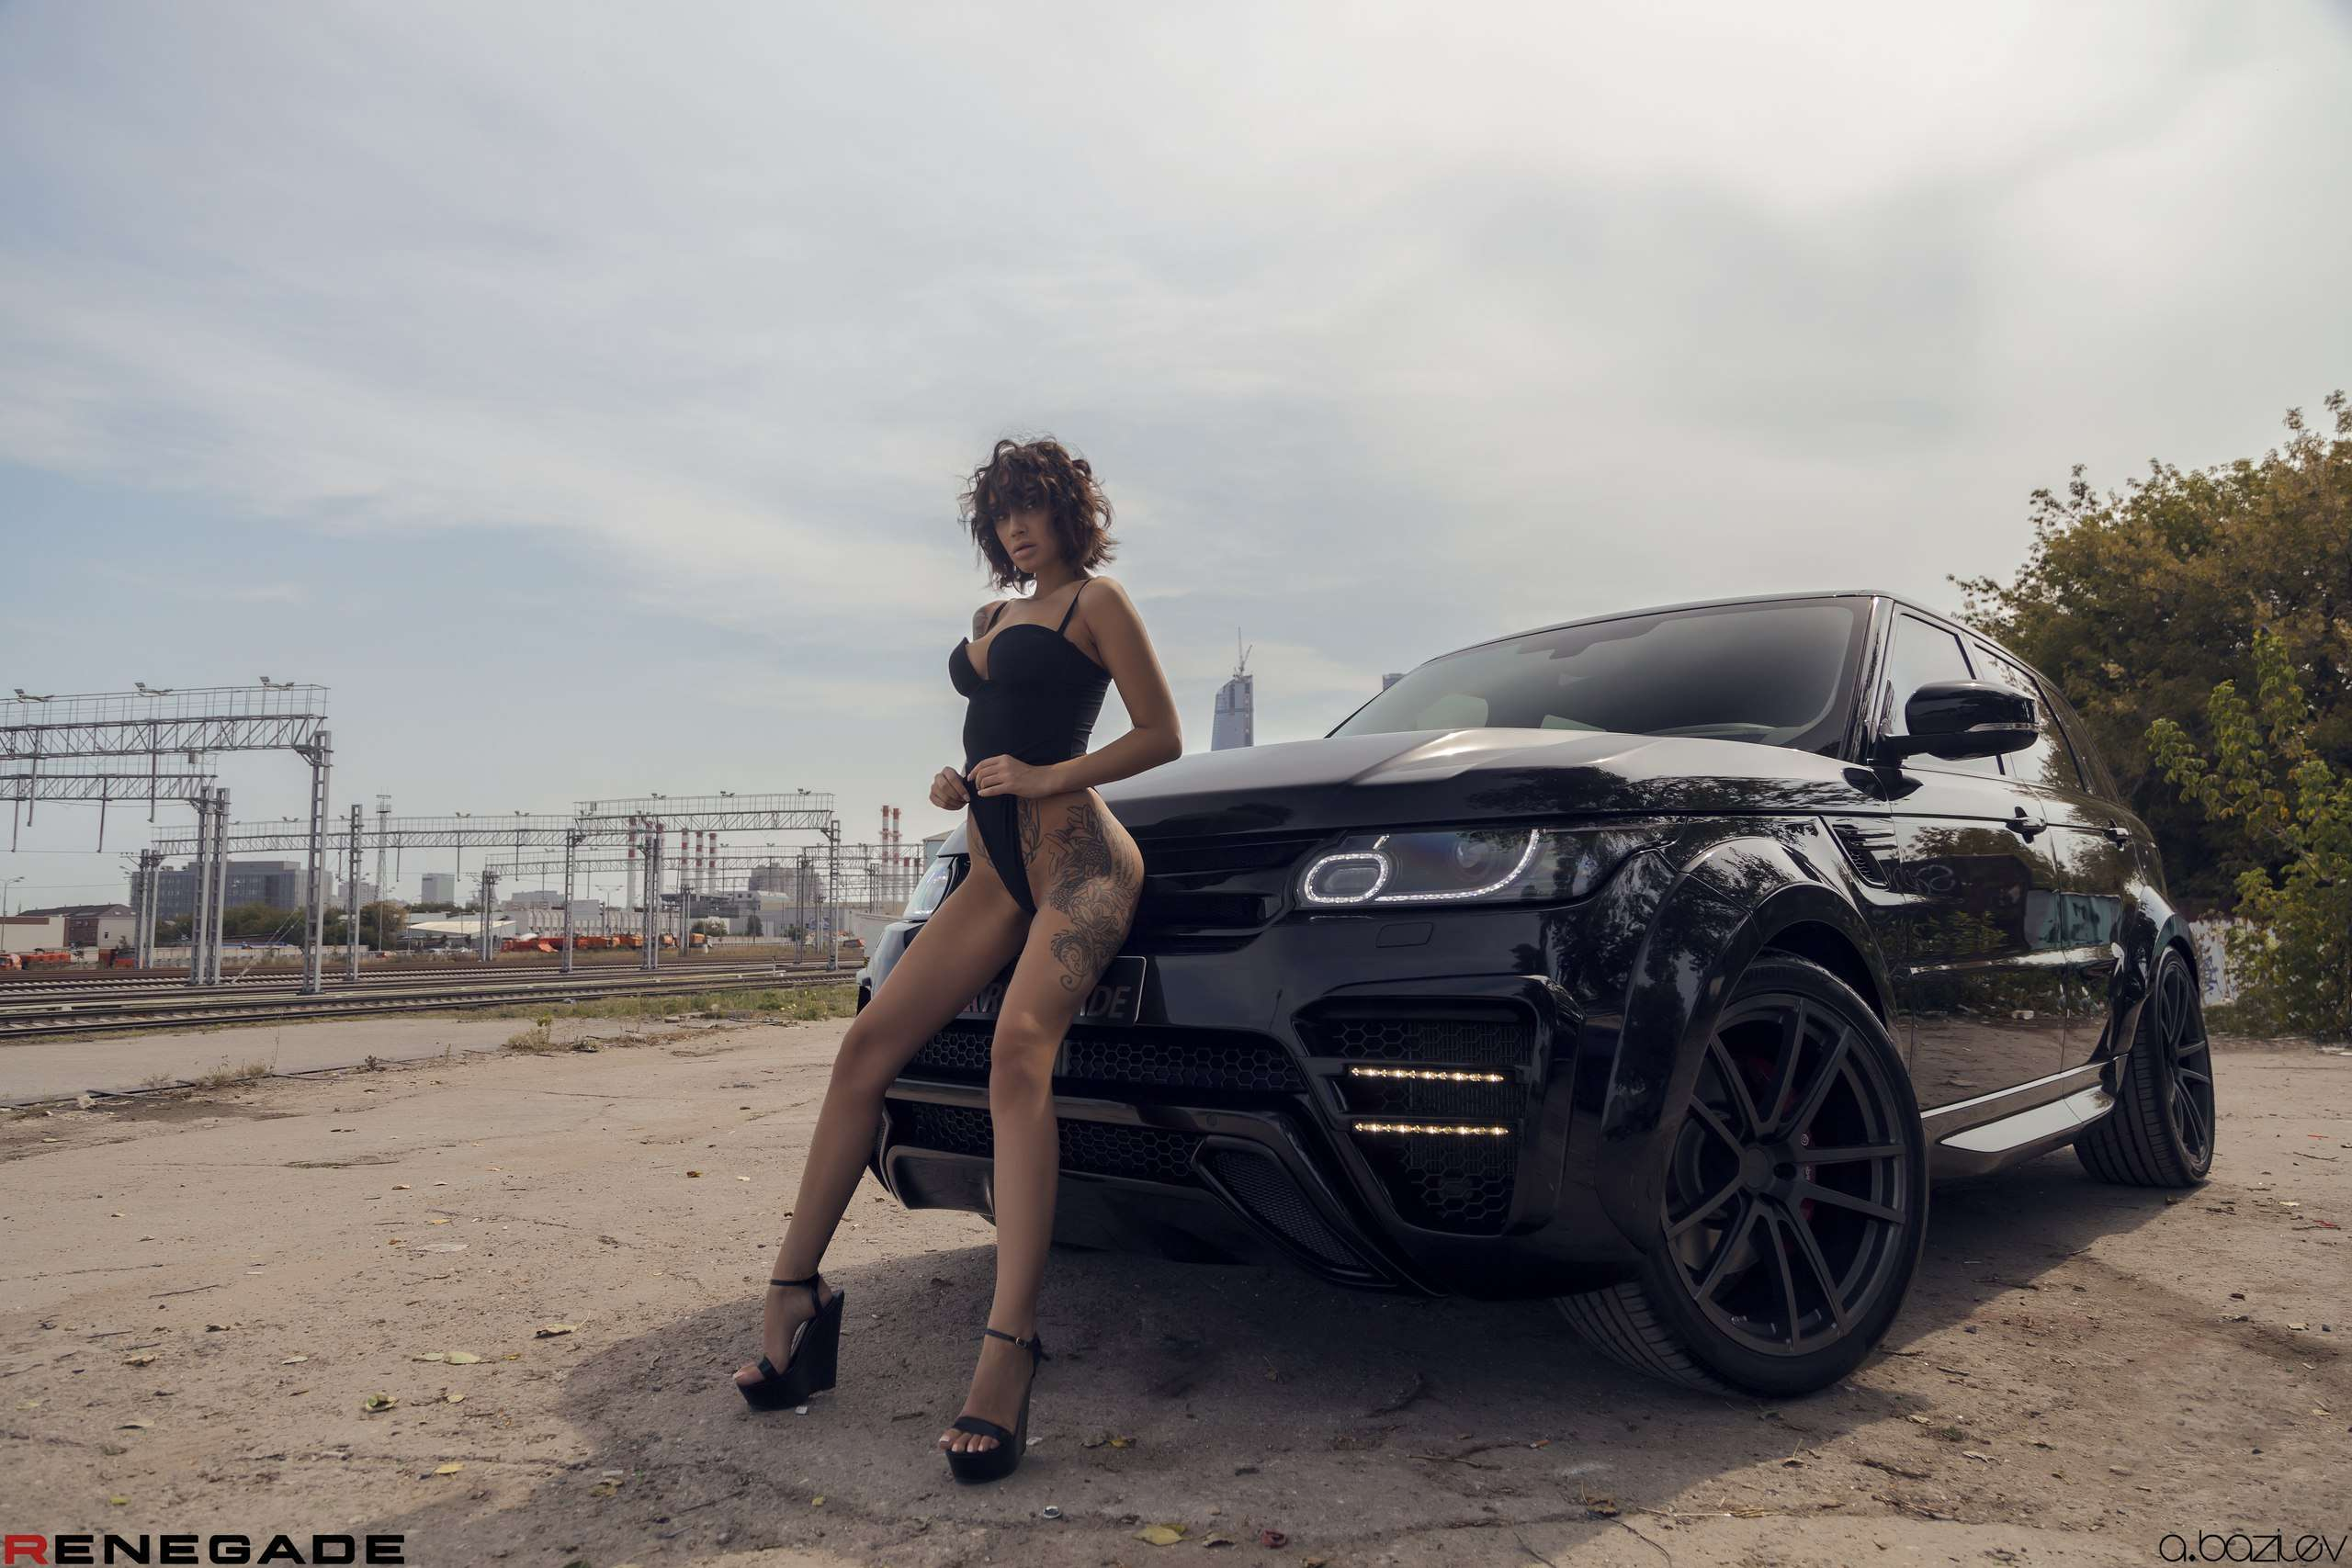 lpGlbMytEyI - Сексуальные девушки и автомобили (часть 10)